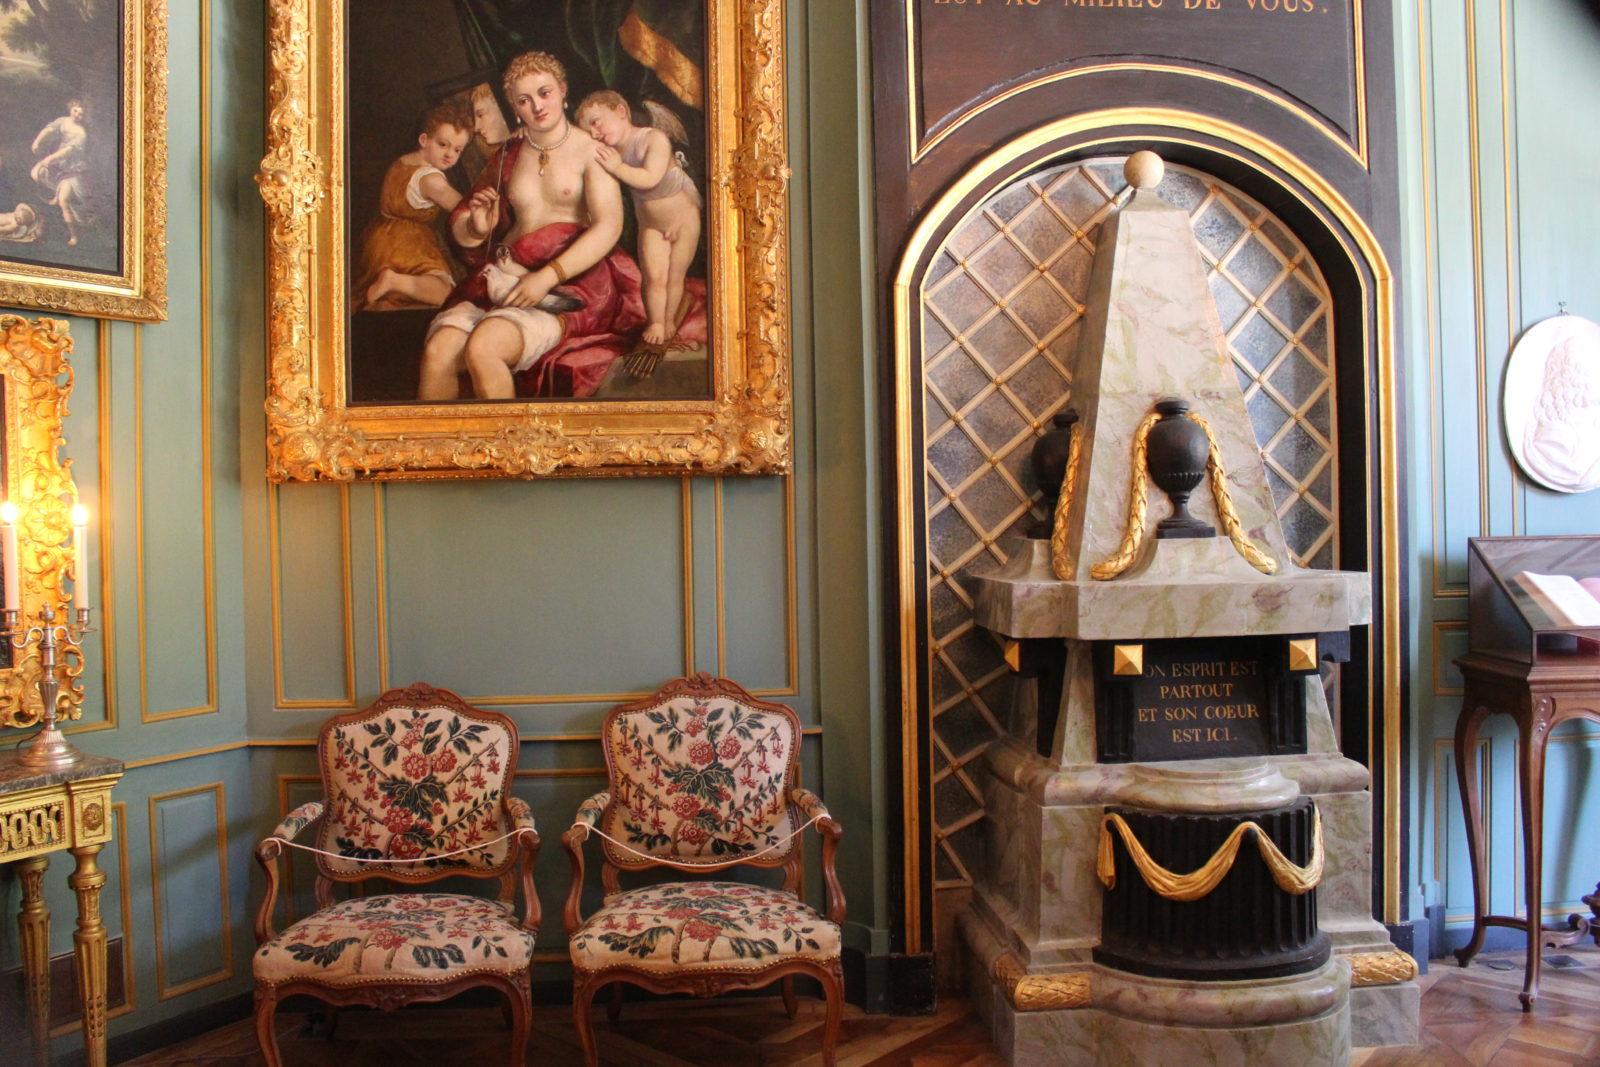 ferney Voltaire Le salon avec cénotaphe